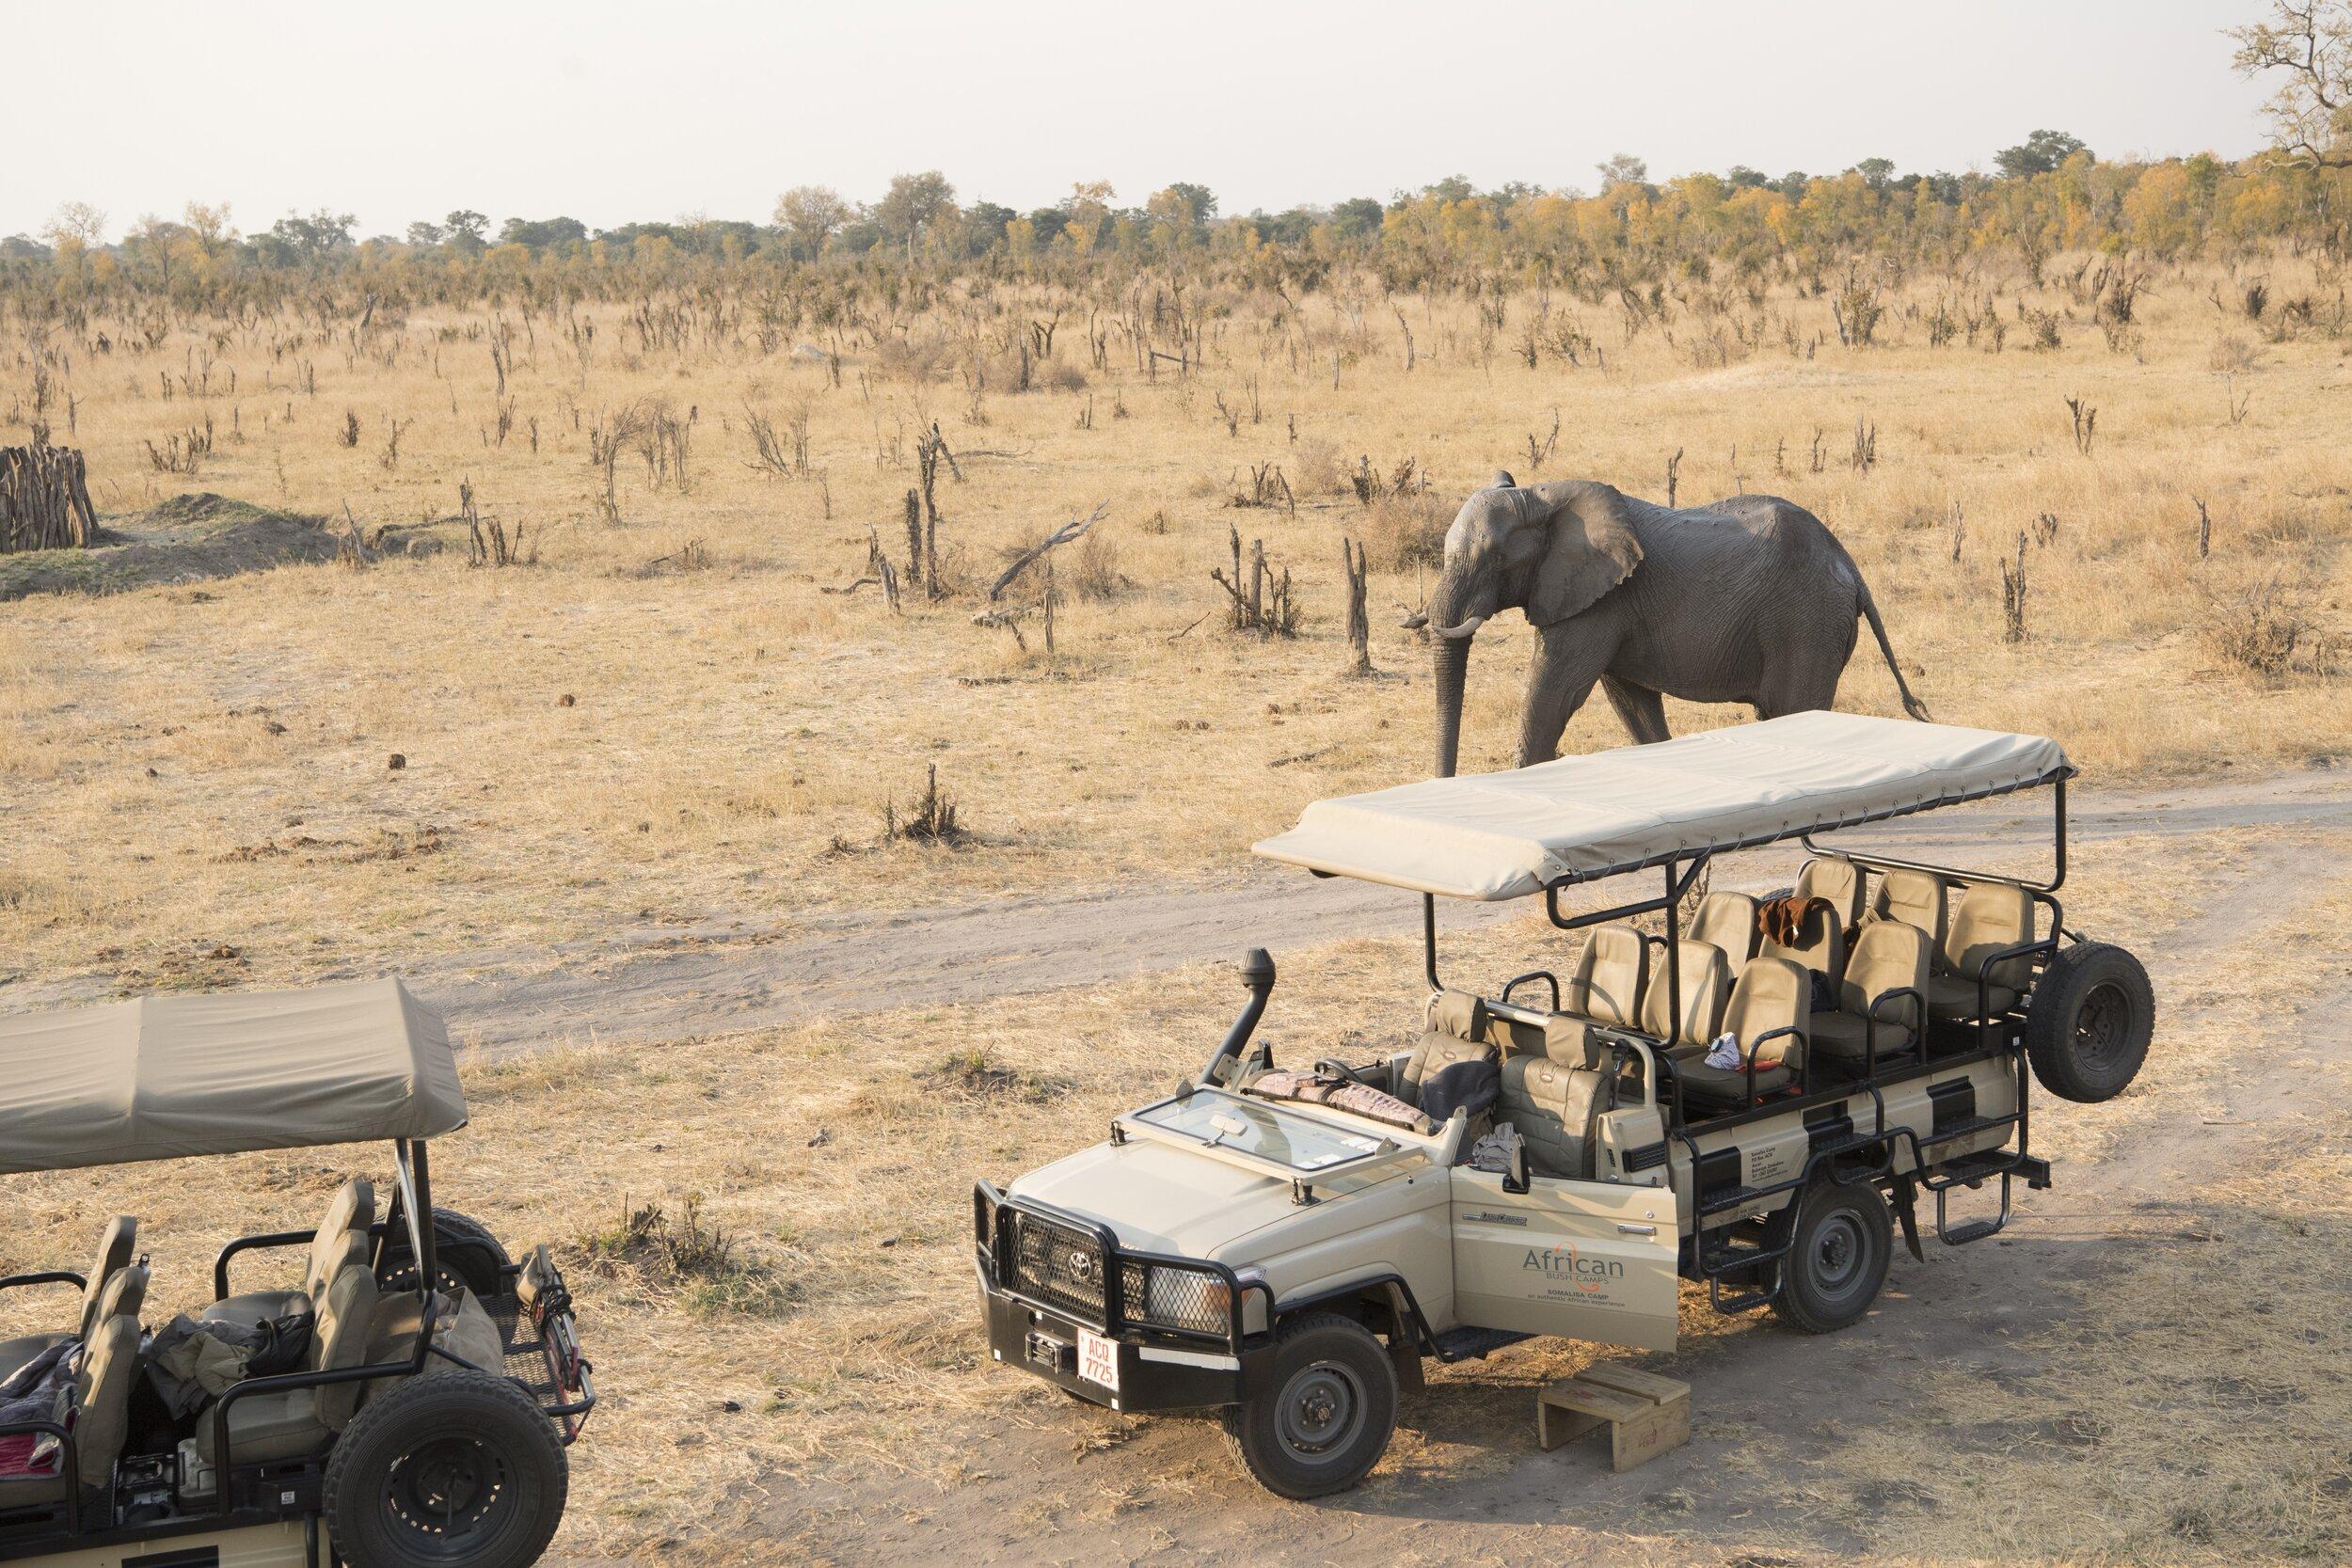 somalisa_camp_hwange_national_park_zimbabwe_elephant___5sw0028_181.jpg